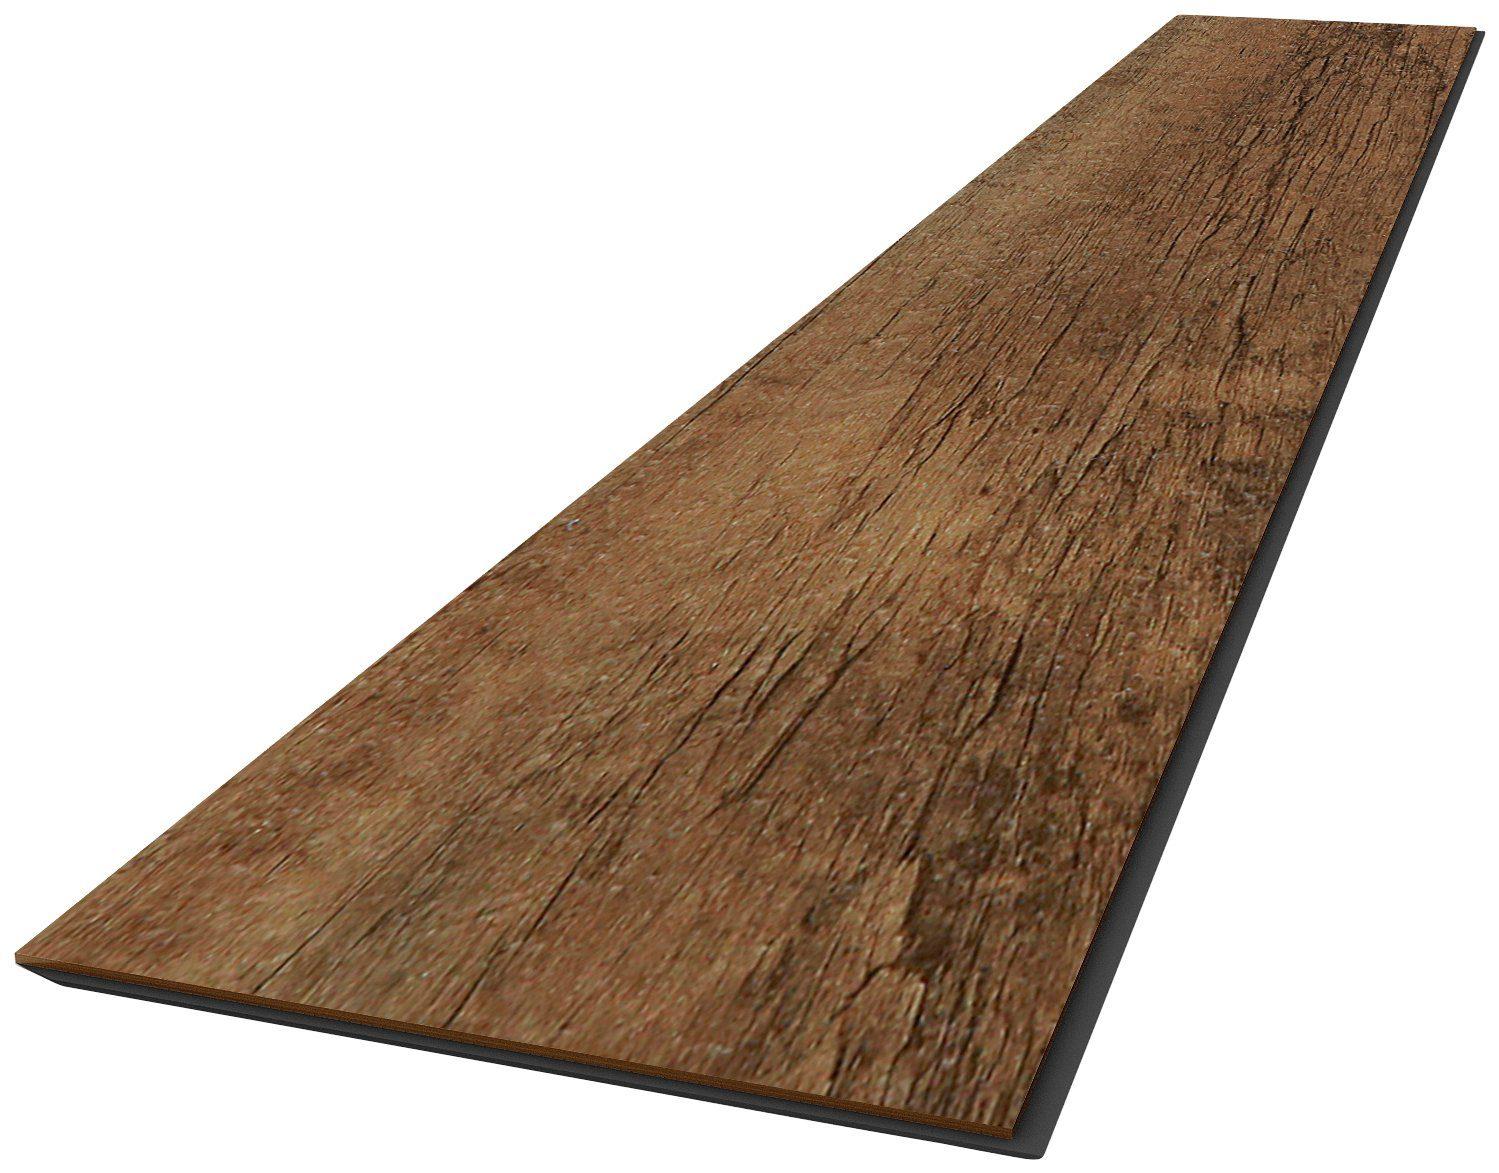 Fußboden Aus 1 Cent Stücken ~ Er klebt pfennigstücke auf den boden das resultat ist